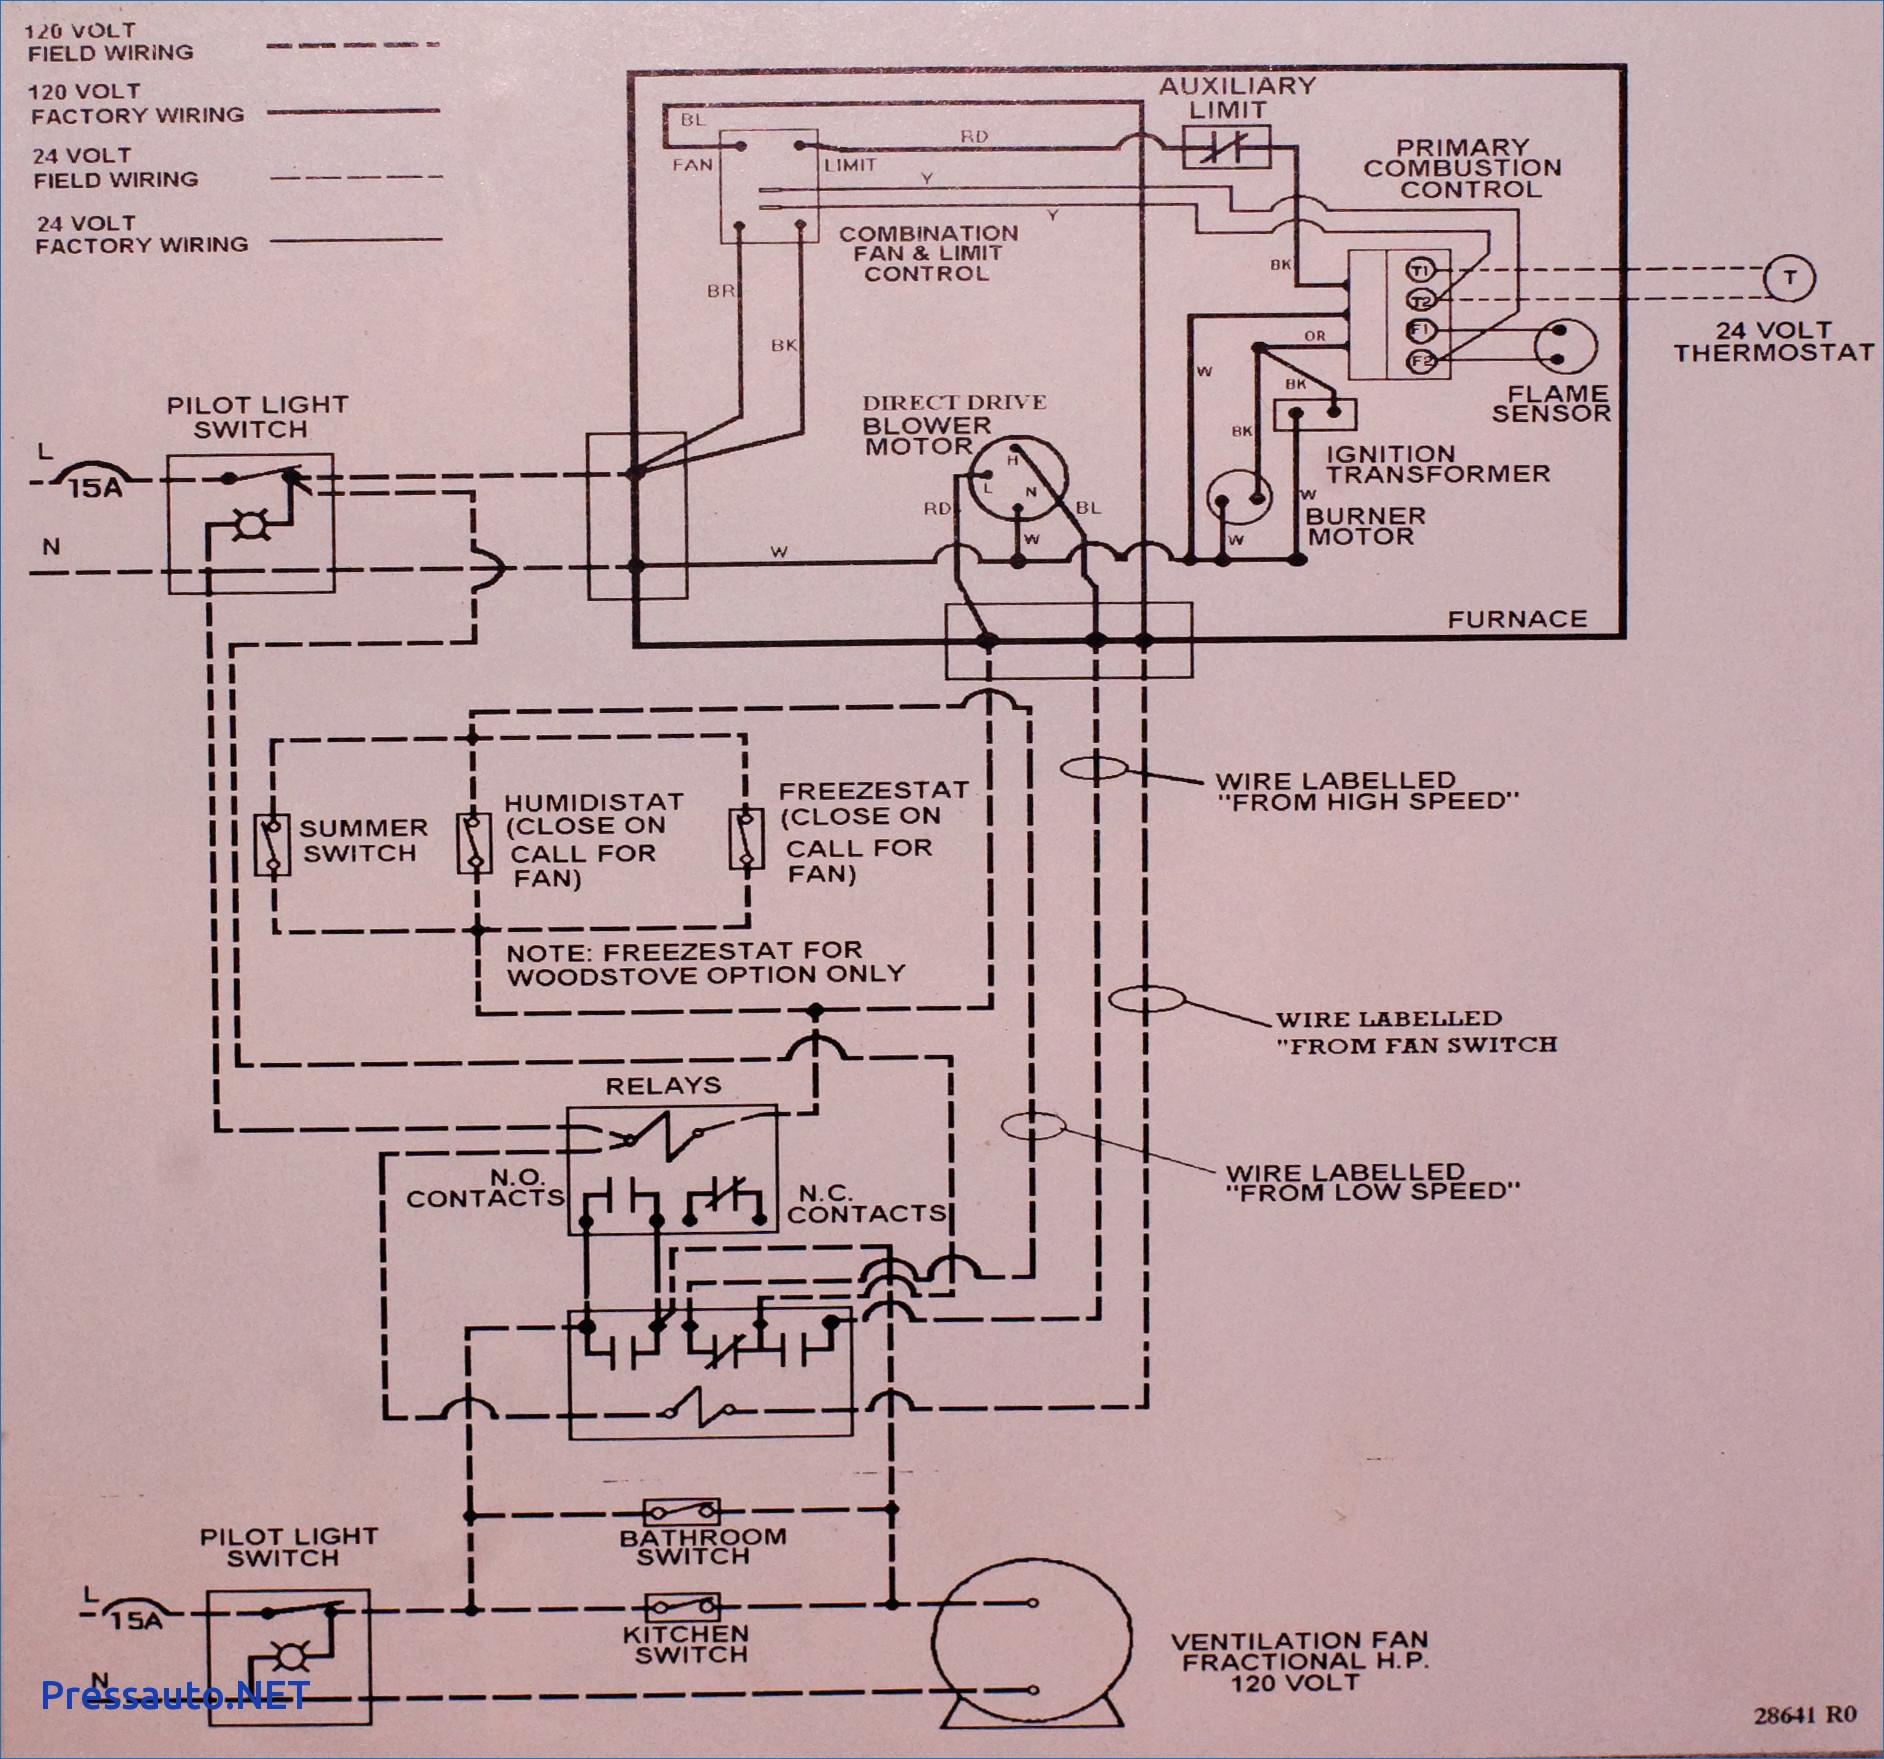 modine heater wiring diagram zh 2261  modine pa 250a wiring diagram modine propane heater wiring diagram zh 2261  modine pa 250a wiring diagram